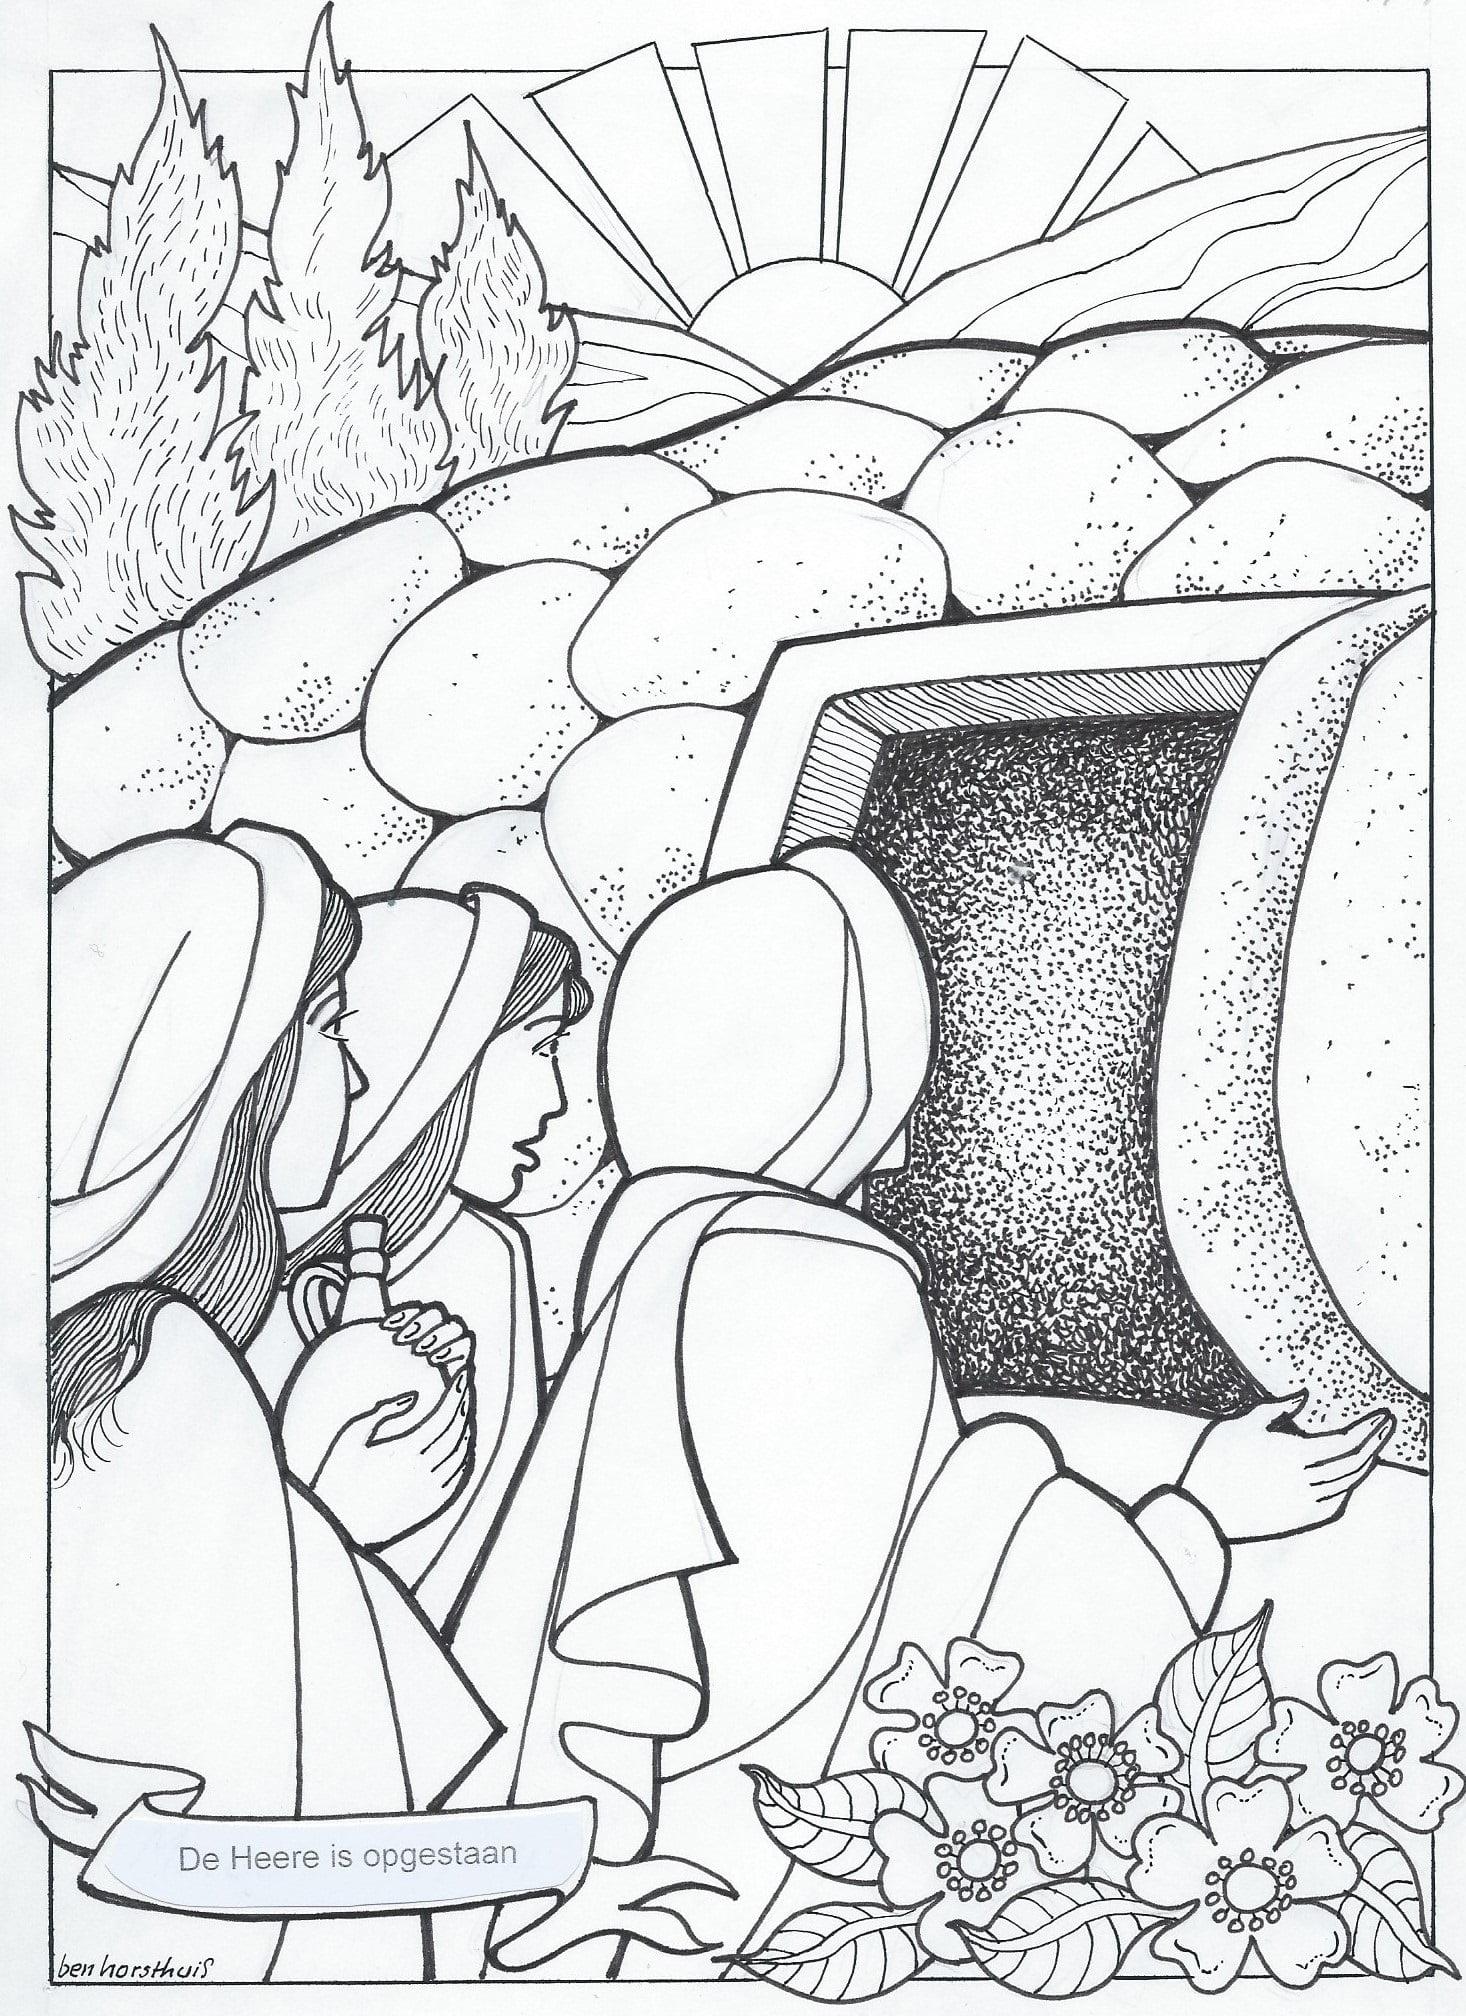 Bijbelse Kleurplaten Pasen.Kleurplaat Paasfeest 3 10 Jaar Bijbels Opvoeden Nl